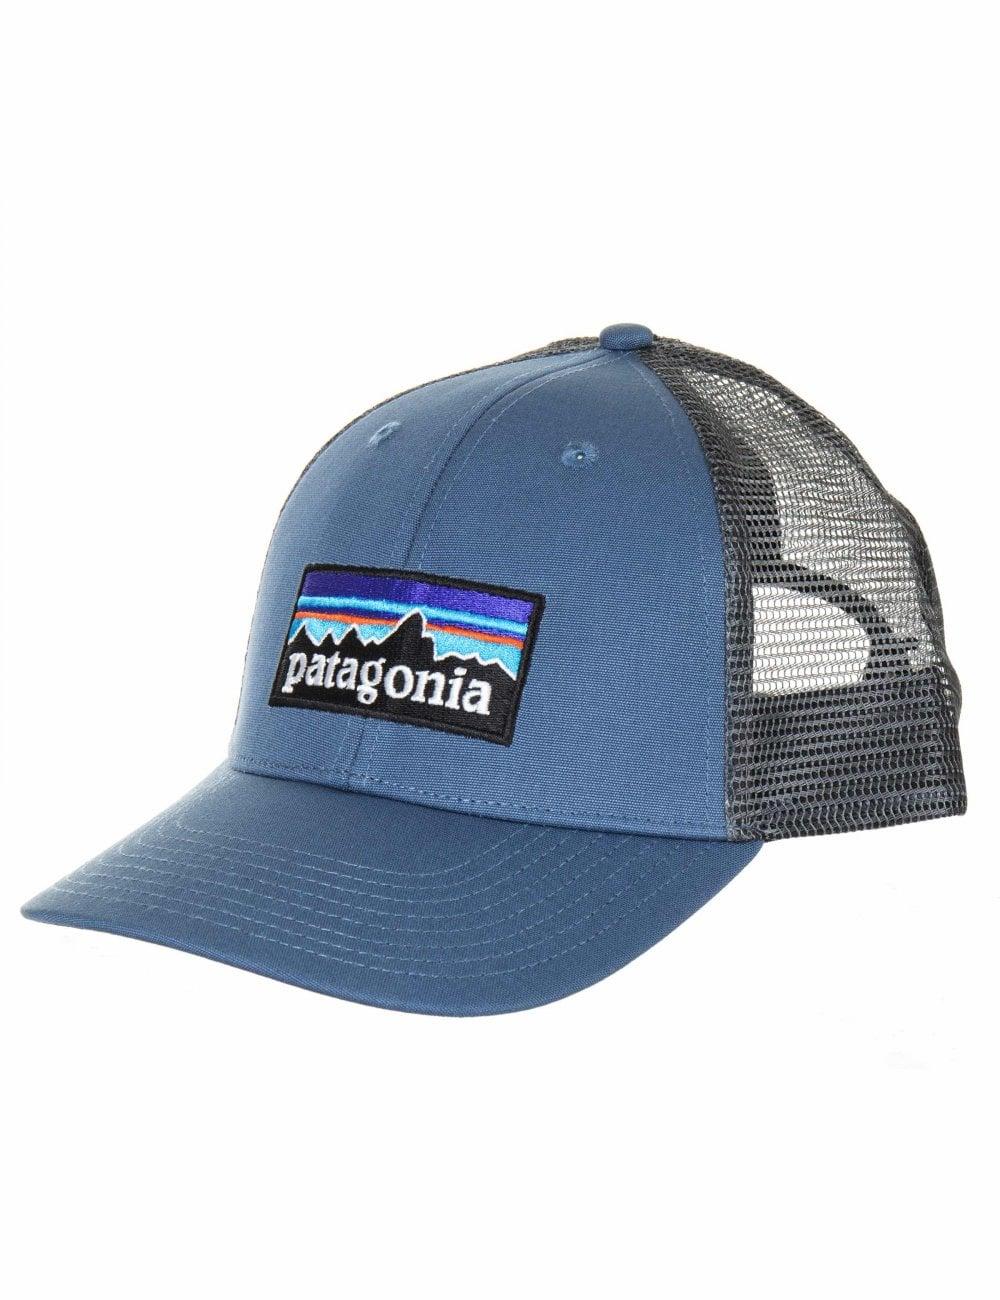 patagonia-p-6-logo-lopro-trucker-hat-woolly-blue-p24714-87820_image.jpg